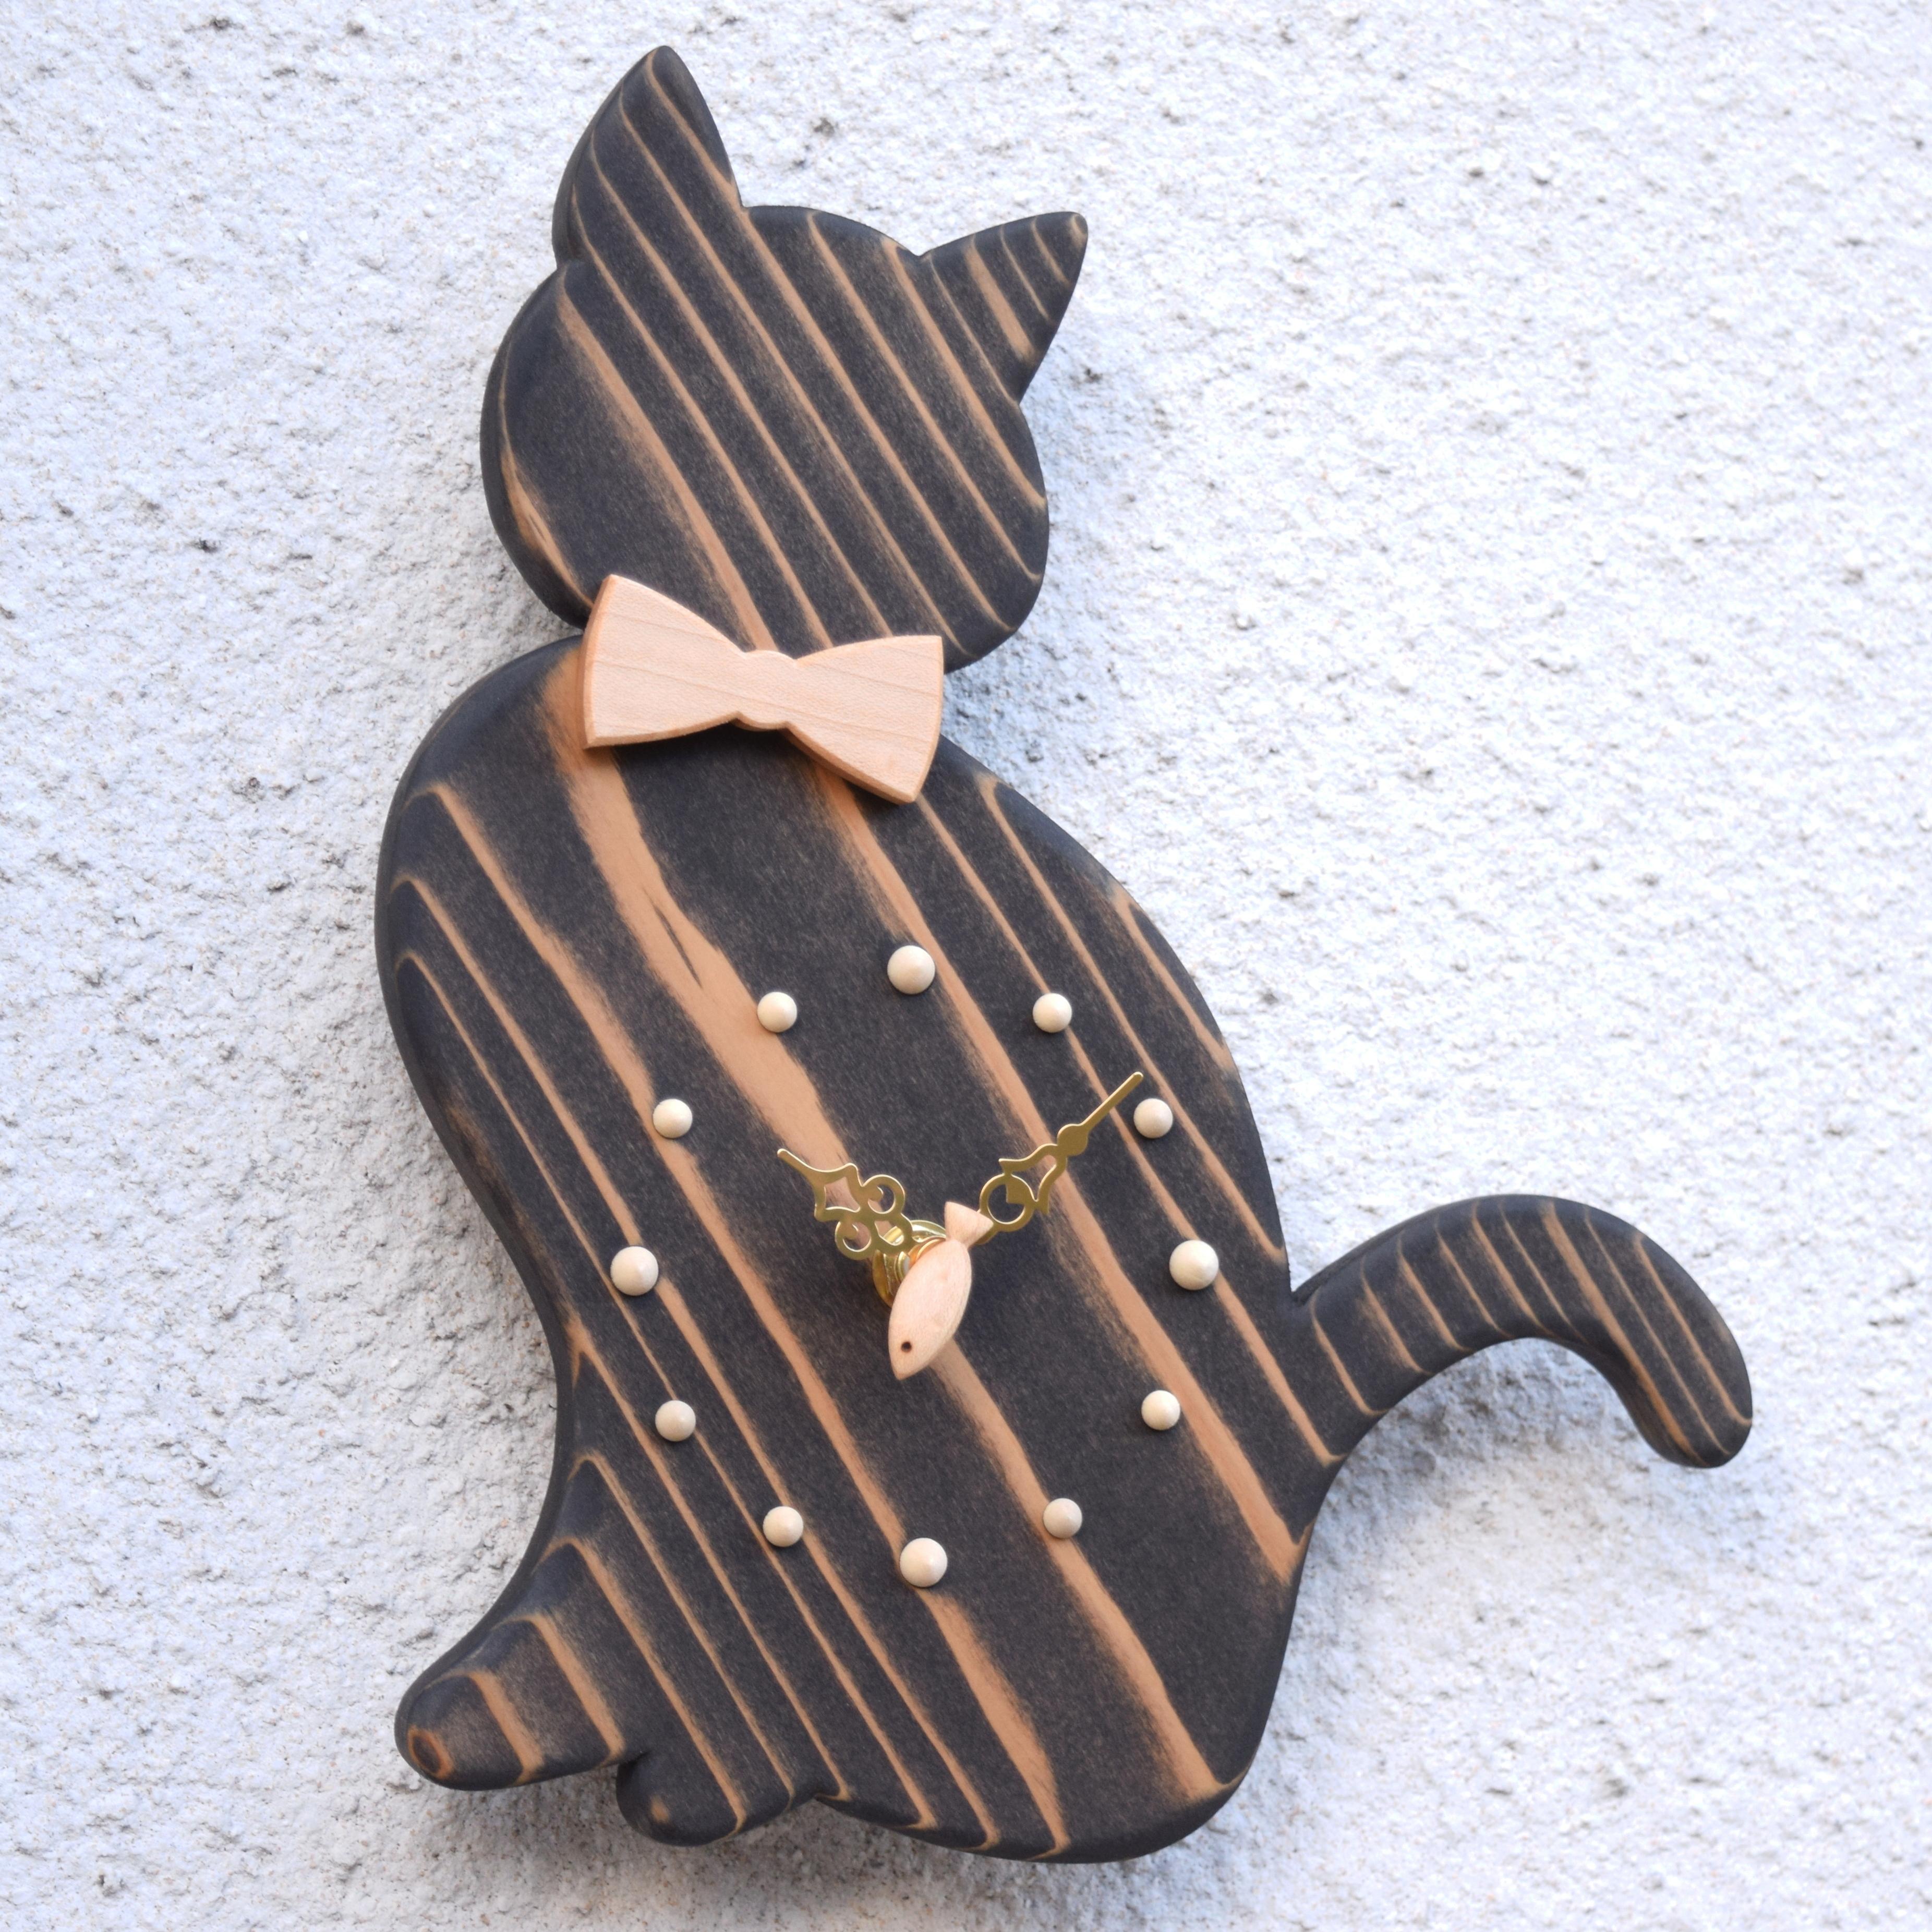 【魚秒針】掛時計『おすましネコ ブラック』【智頭杉】